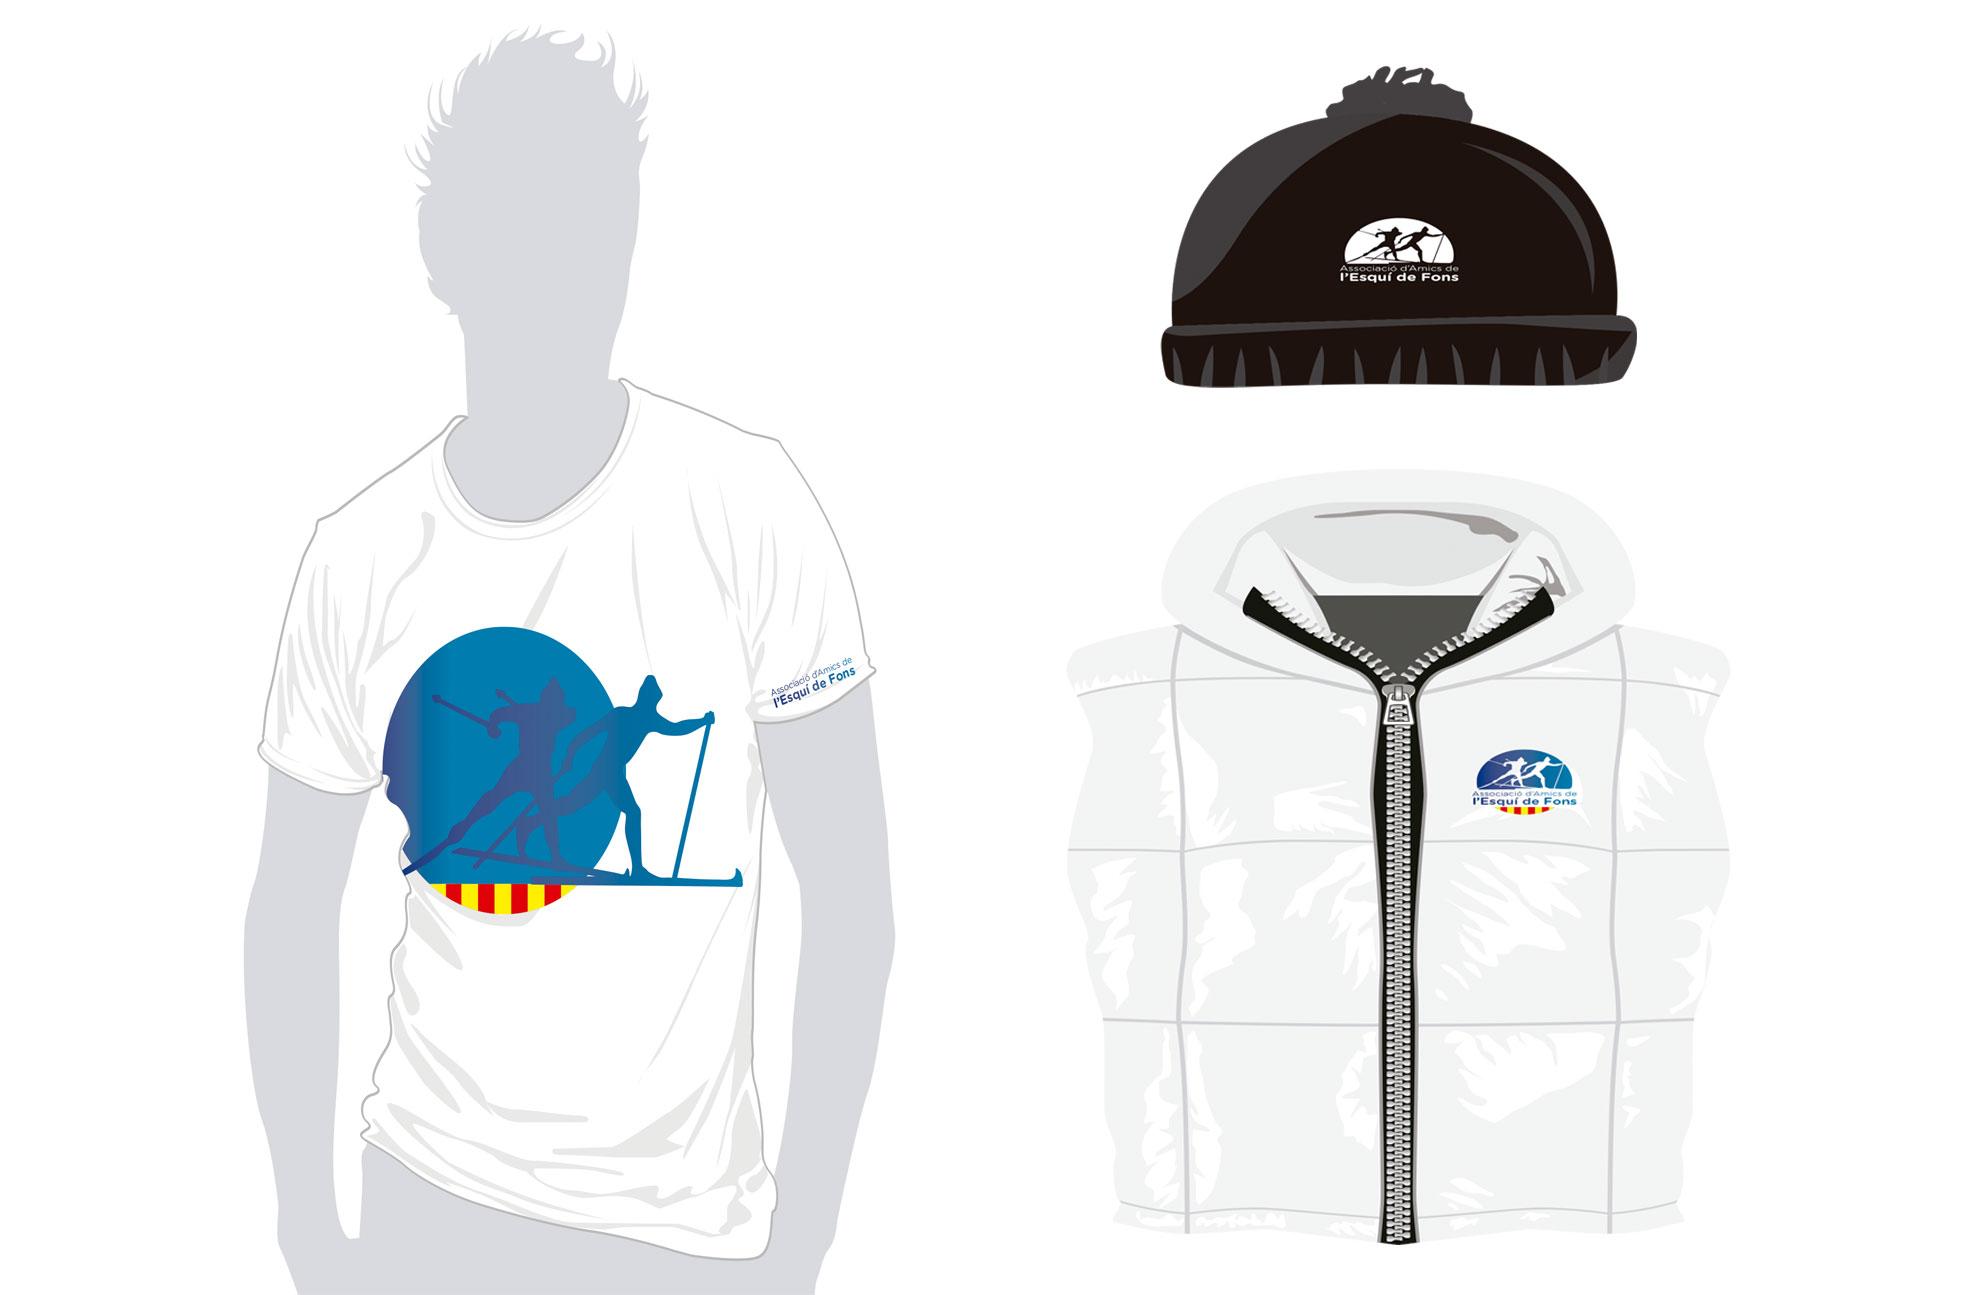 esqui-de-fons-01